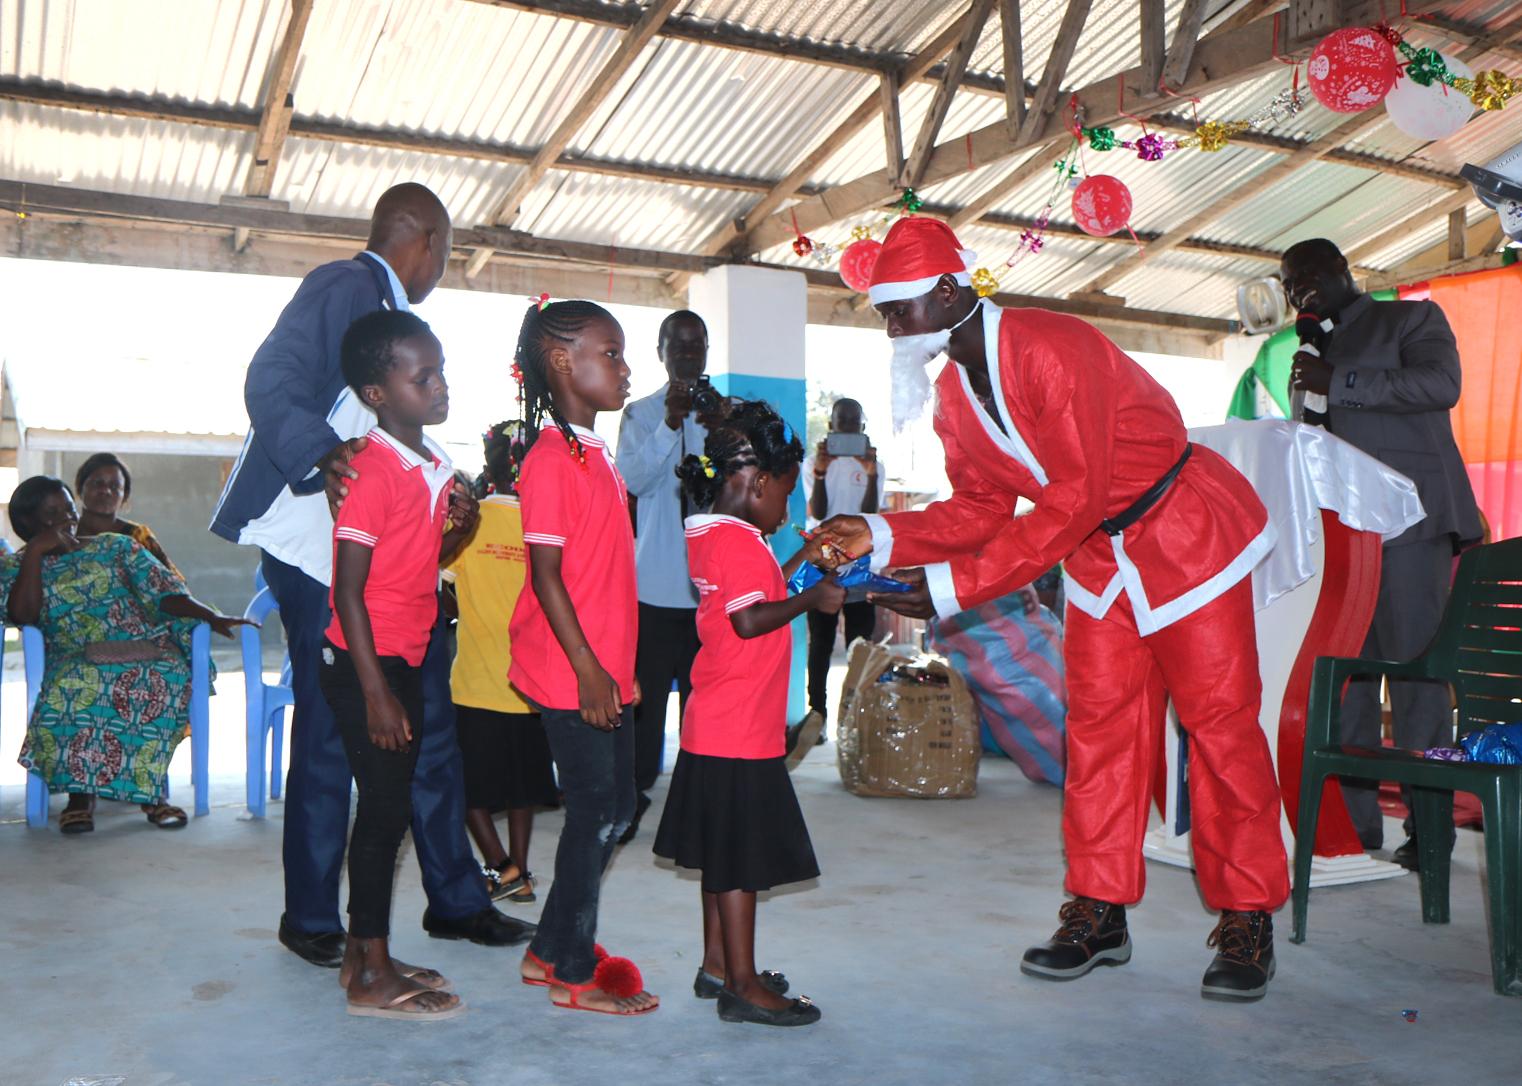 Les enfants ont fait la queue pour recevoir un cadeau du Père Noël au camp de réfugiés Ivoiriens d'Ampain le jour de Noël. Le district d'Aboisso de l'Église Méthodiste Unie de Côte d'Ivoire a organisé la célébration et la distribution de cadeaux pour plus de 540 enfants. Photo de Isaac Broune, UM News.